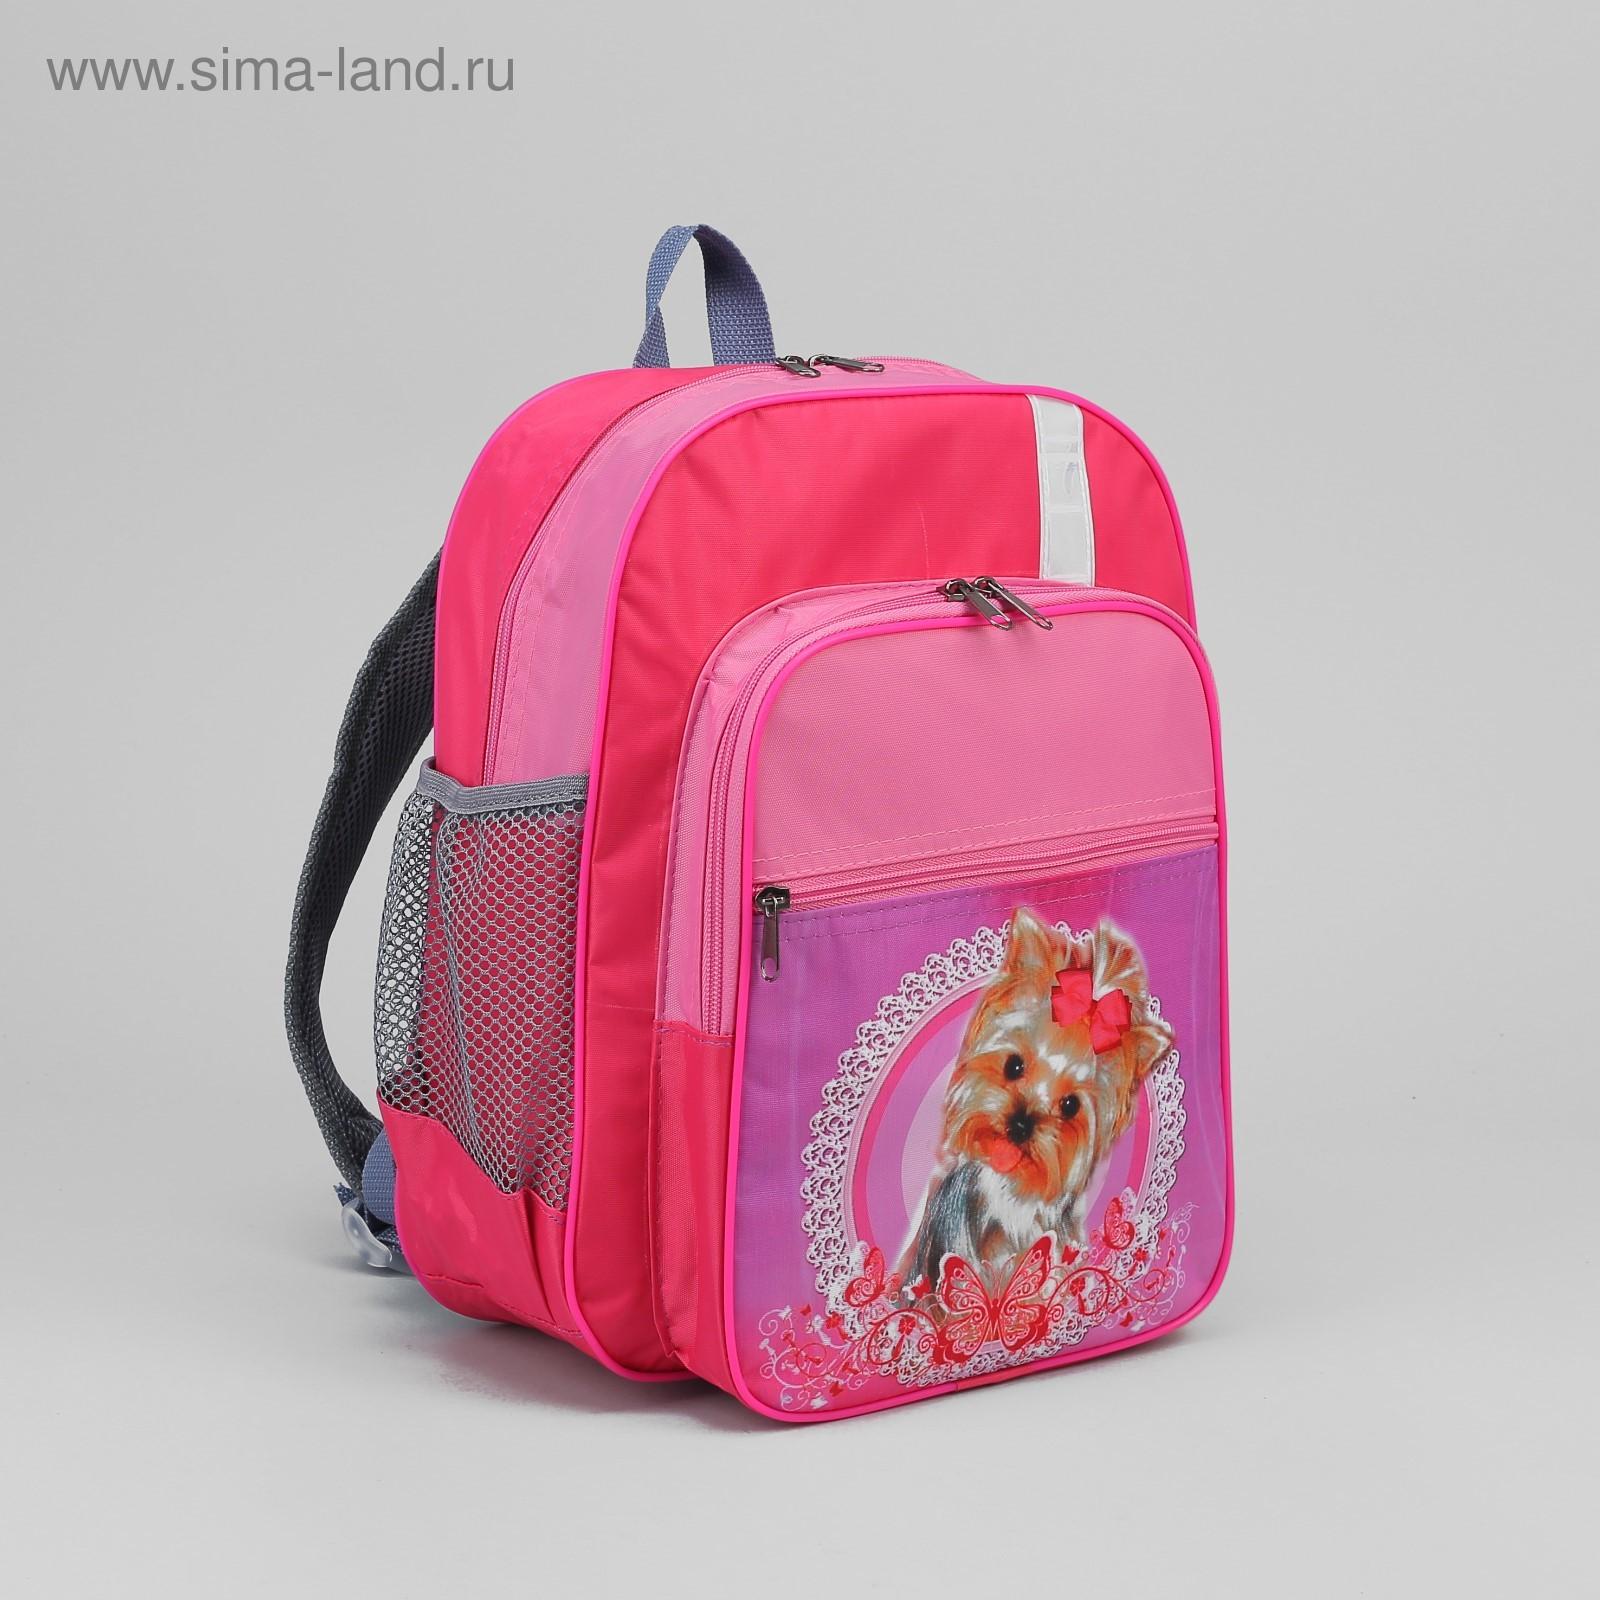 0a1b43b85db7 Рюкзак школьный на молнии, 2 отдела, 3 наружных кармана, розово-фиолетовый